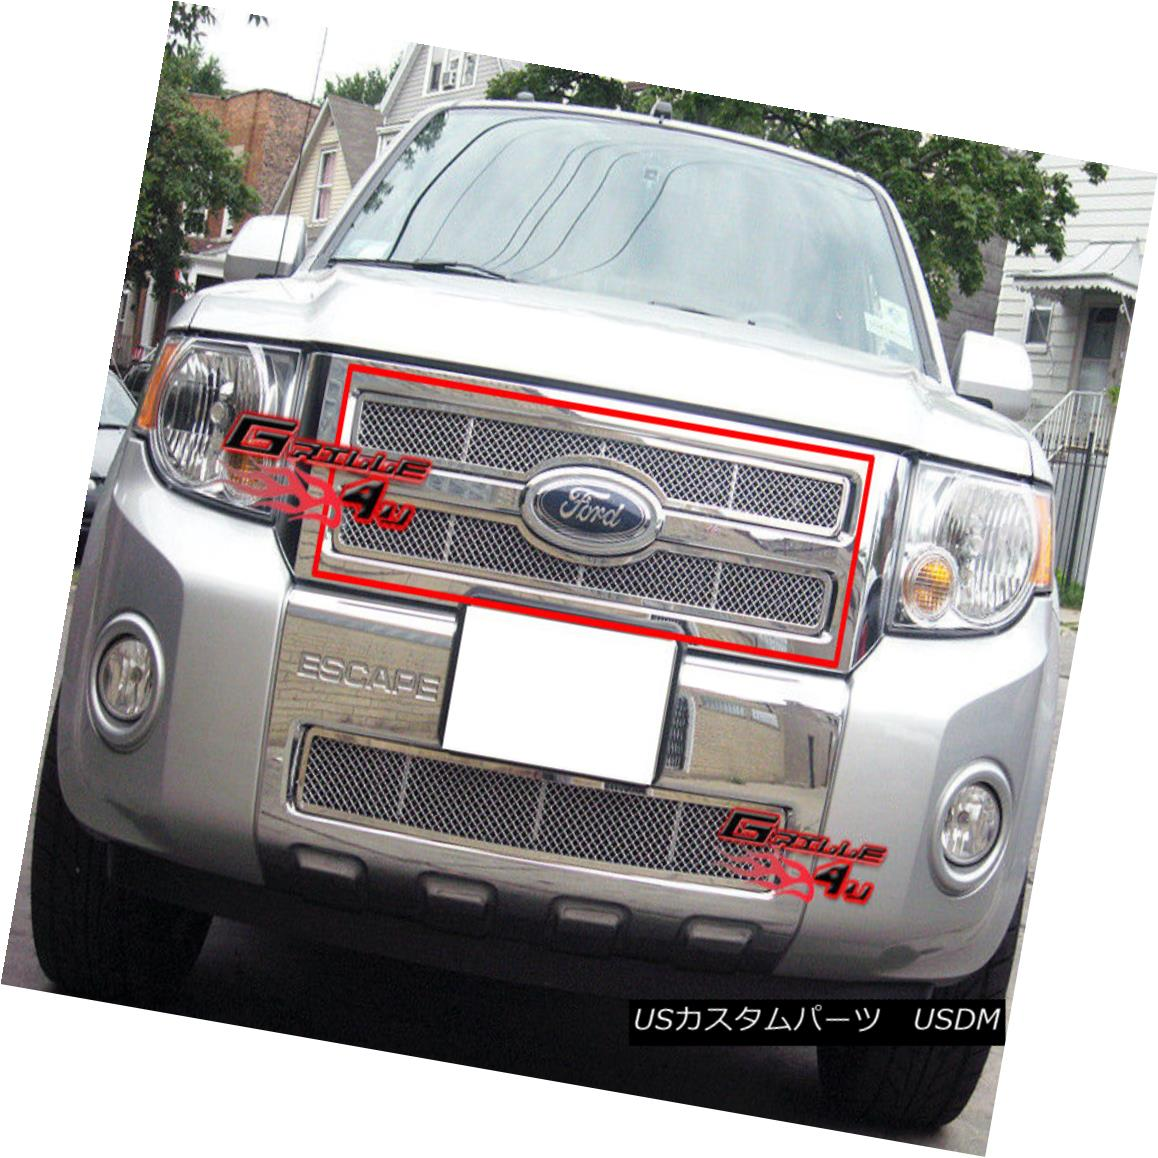 グリル Fits 08-11 2011 Ford Escape Stainless Mesh Grille Insert フィット2011年8月11日フォードエスケープステンレスメッシュグリルインサート